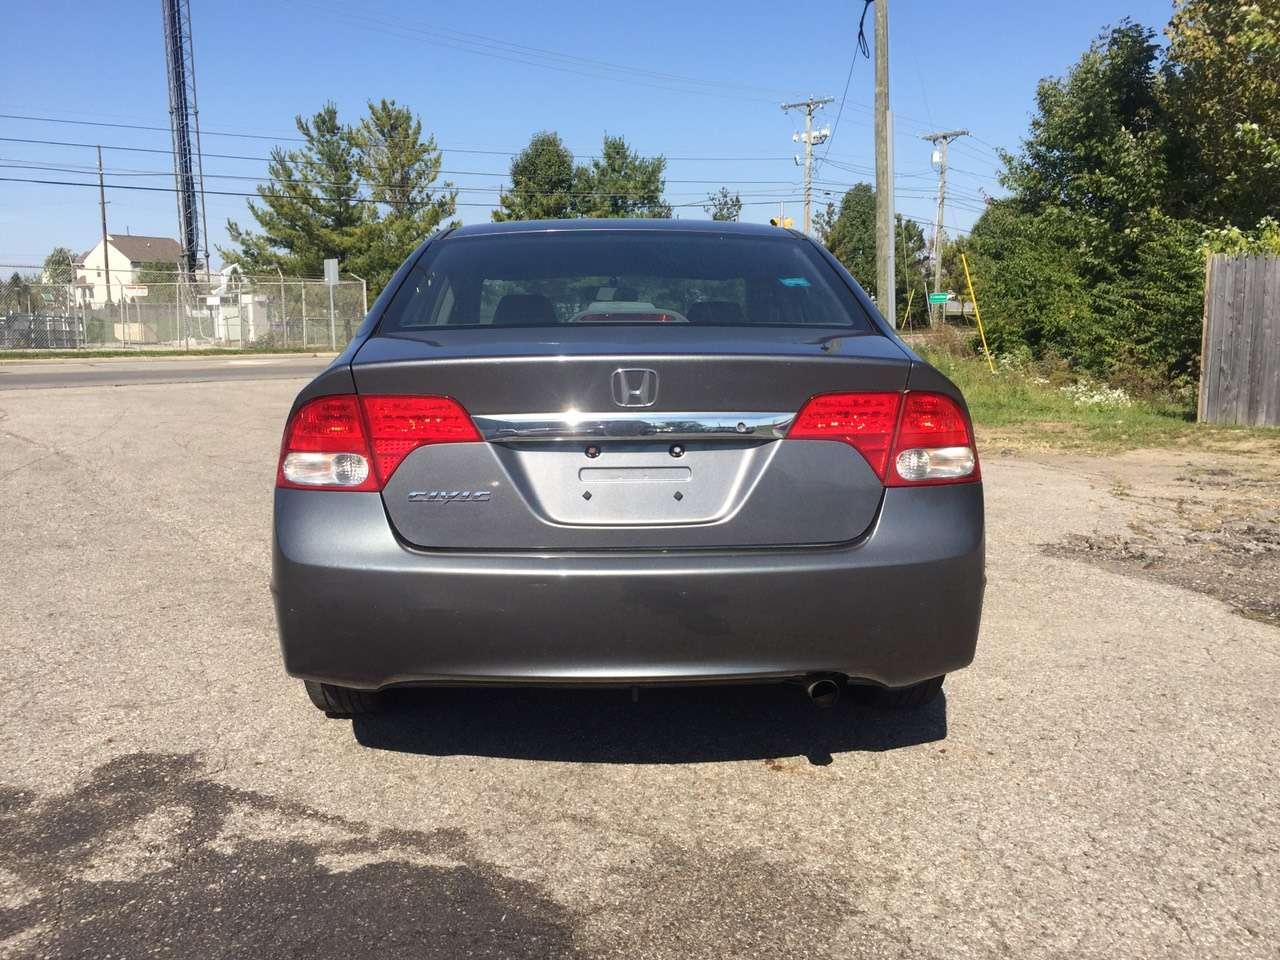 美国买车要带什么 代步车周末特价 2009 Honda Civic,里程7w2,价格8xxx